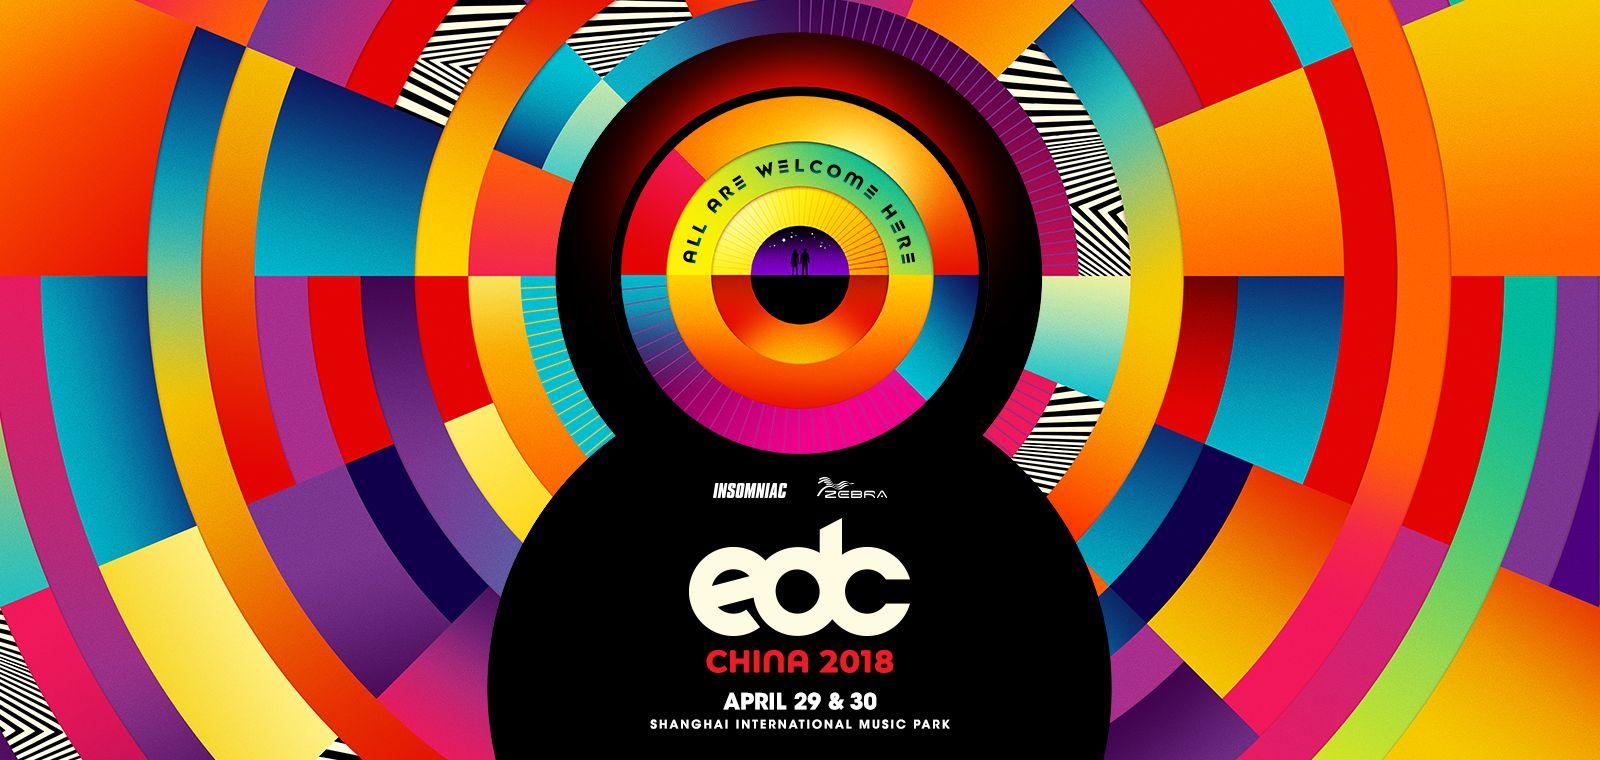 上海EDC电音节将电爆魔都,王思聪爱洛饮料玩起了泛娱乐营销